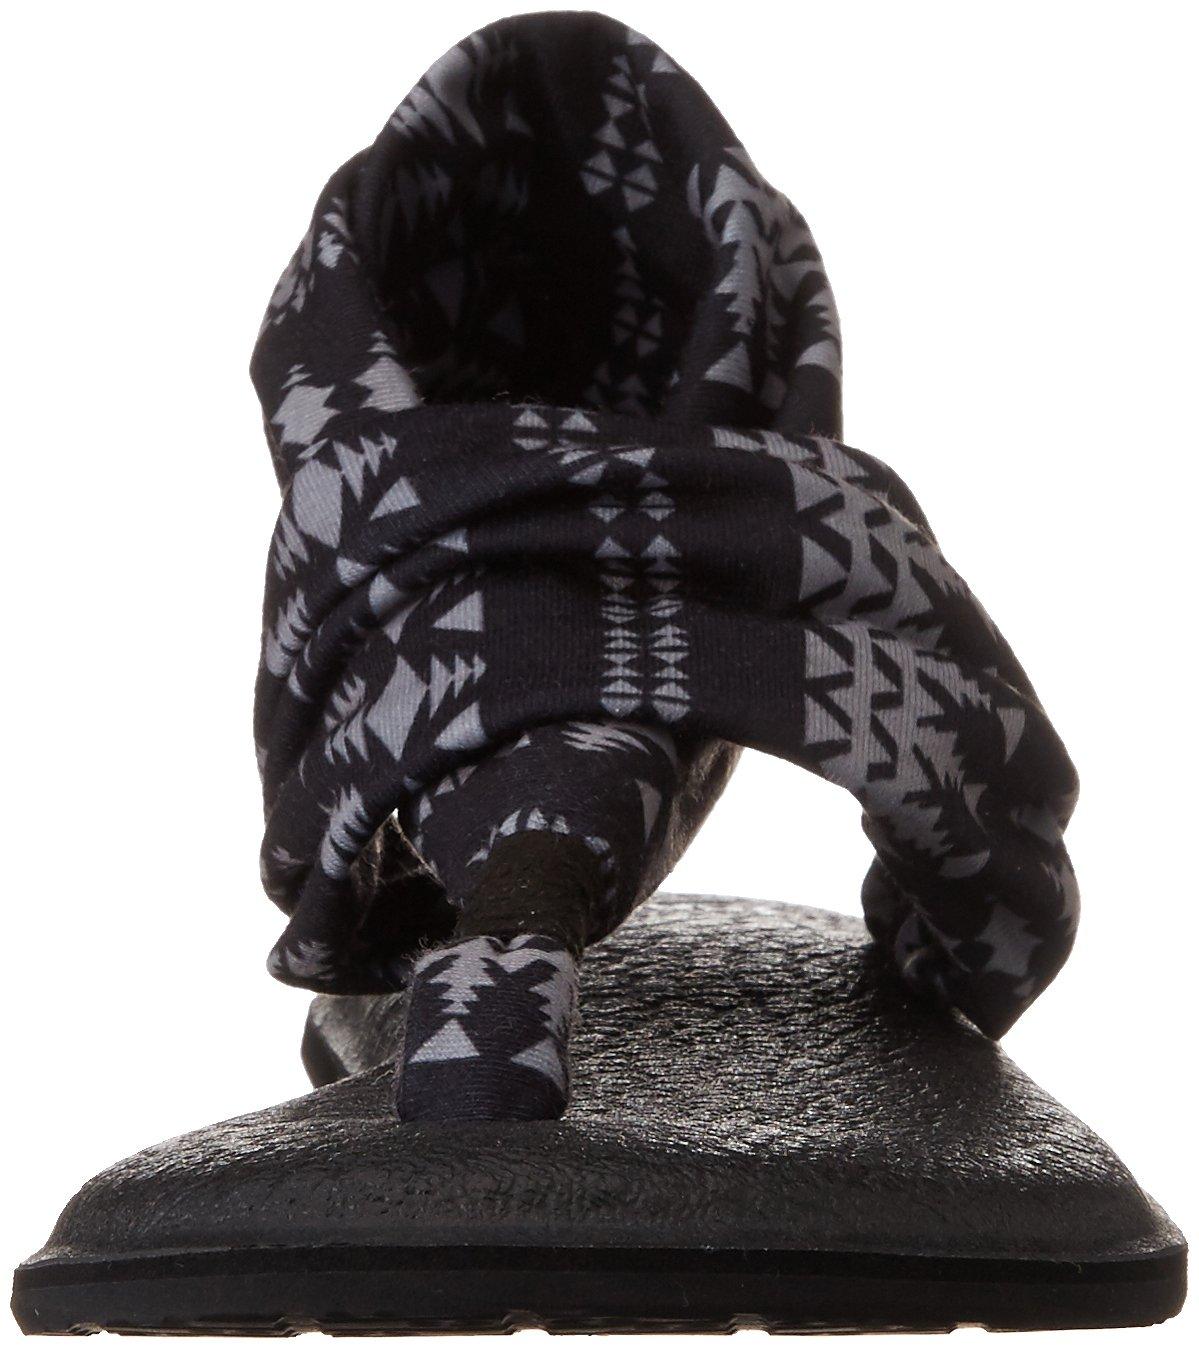 Sanuk Women's 6 Yoga Sling 2 B01IALU5QE 6 Women's M US|Black / Natural Koa Tribal f667f3